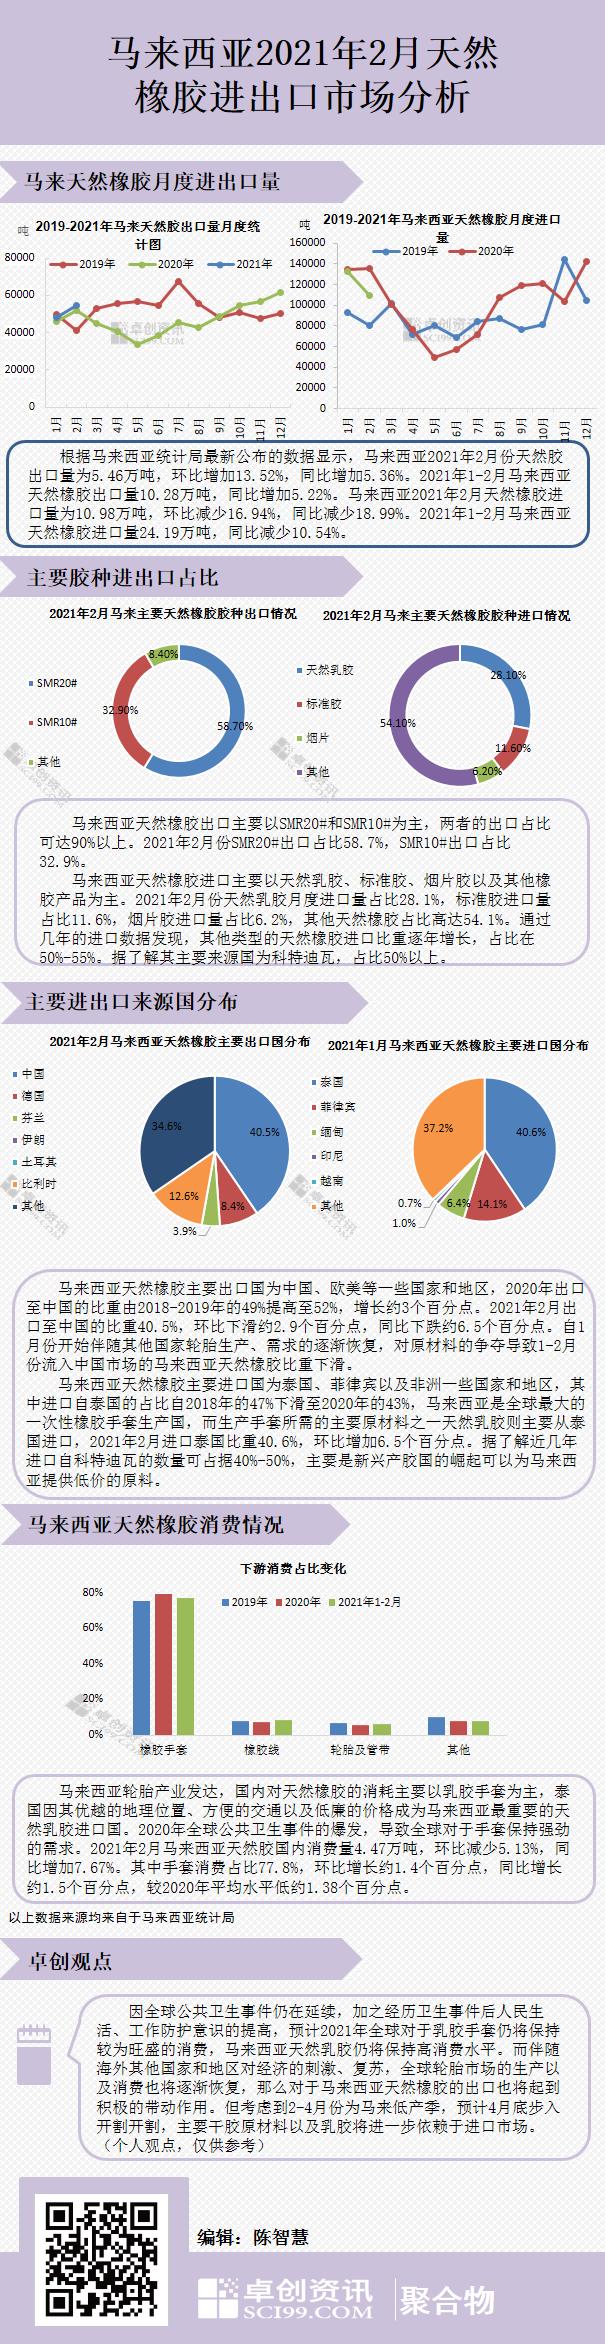 【卓创分析】马来西亚2021年2月天然橡胶进出口市场分析